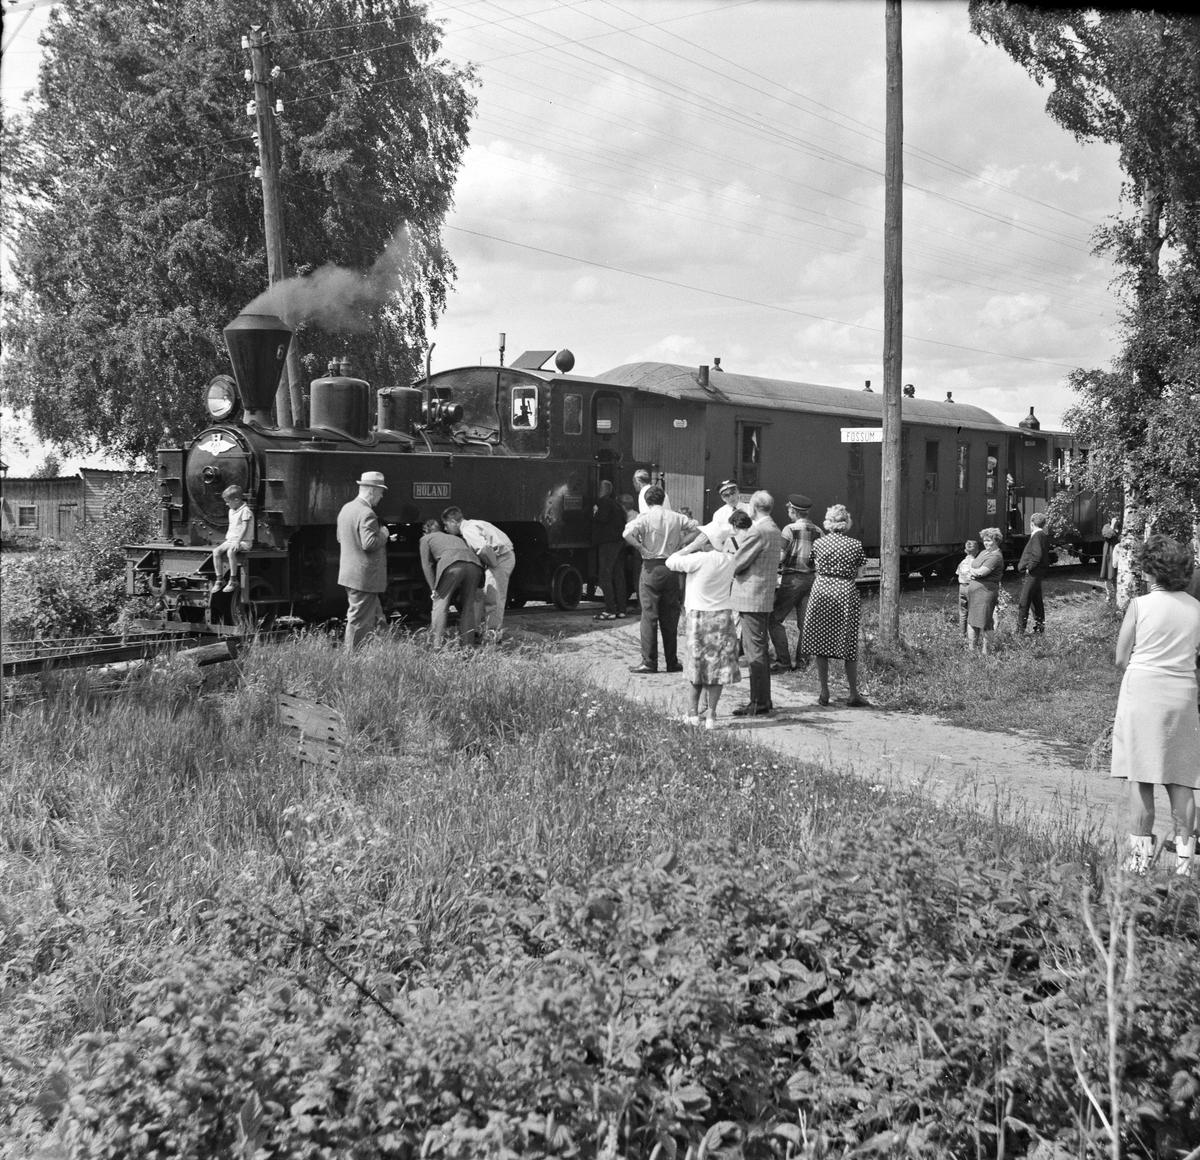 En av de første åpne turene for publikum på museumsbanen